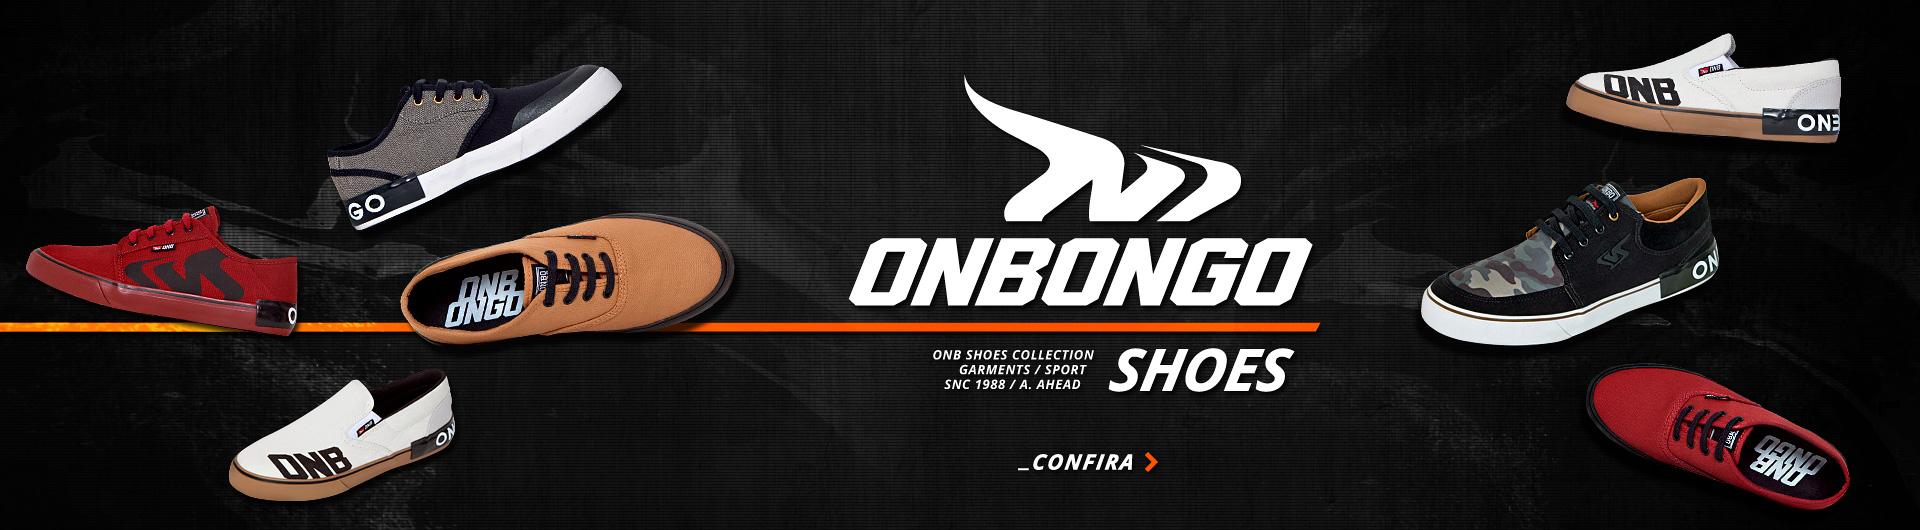 Tênis - Calçados Onbongo